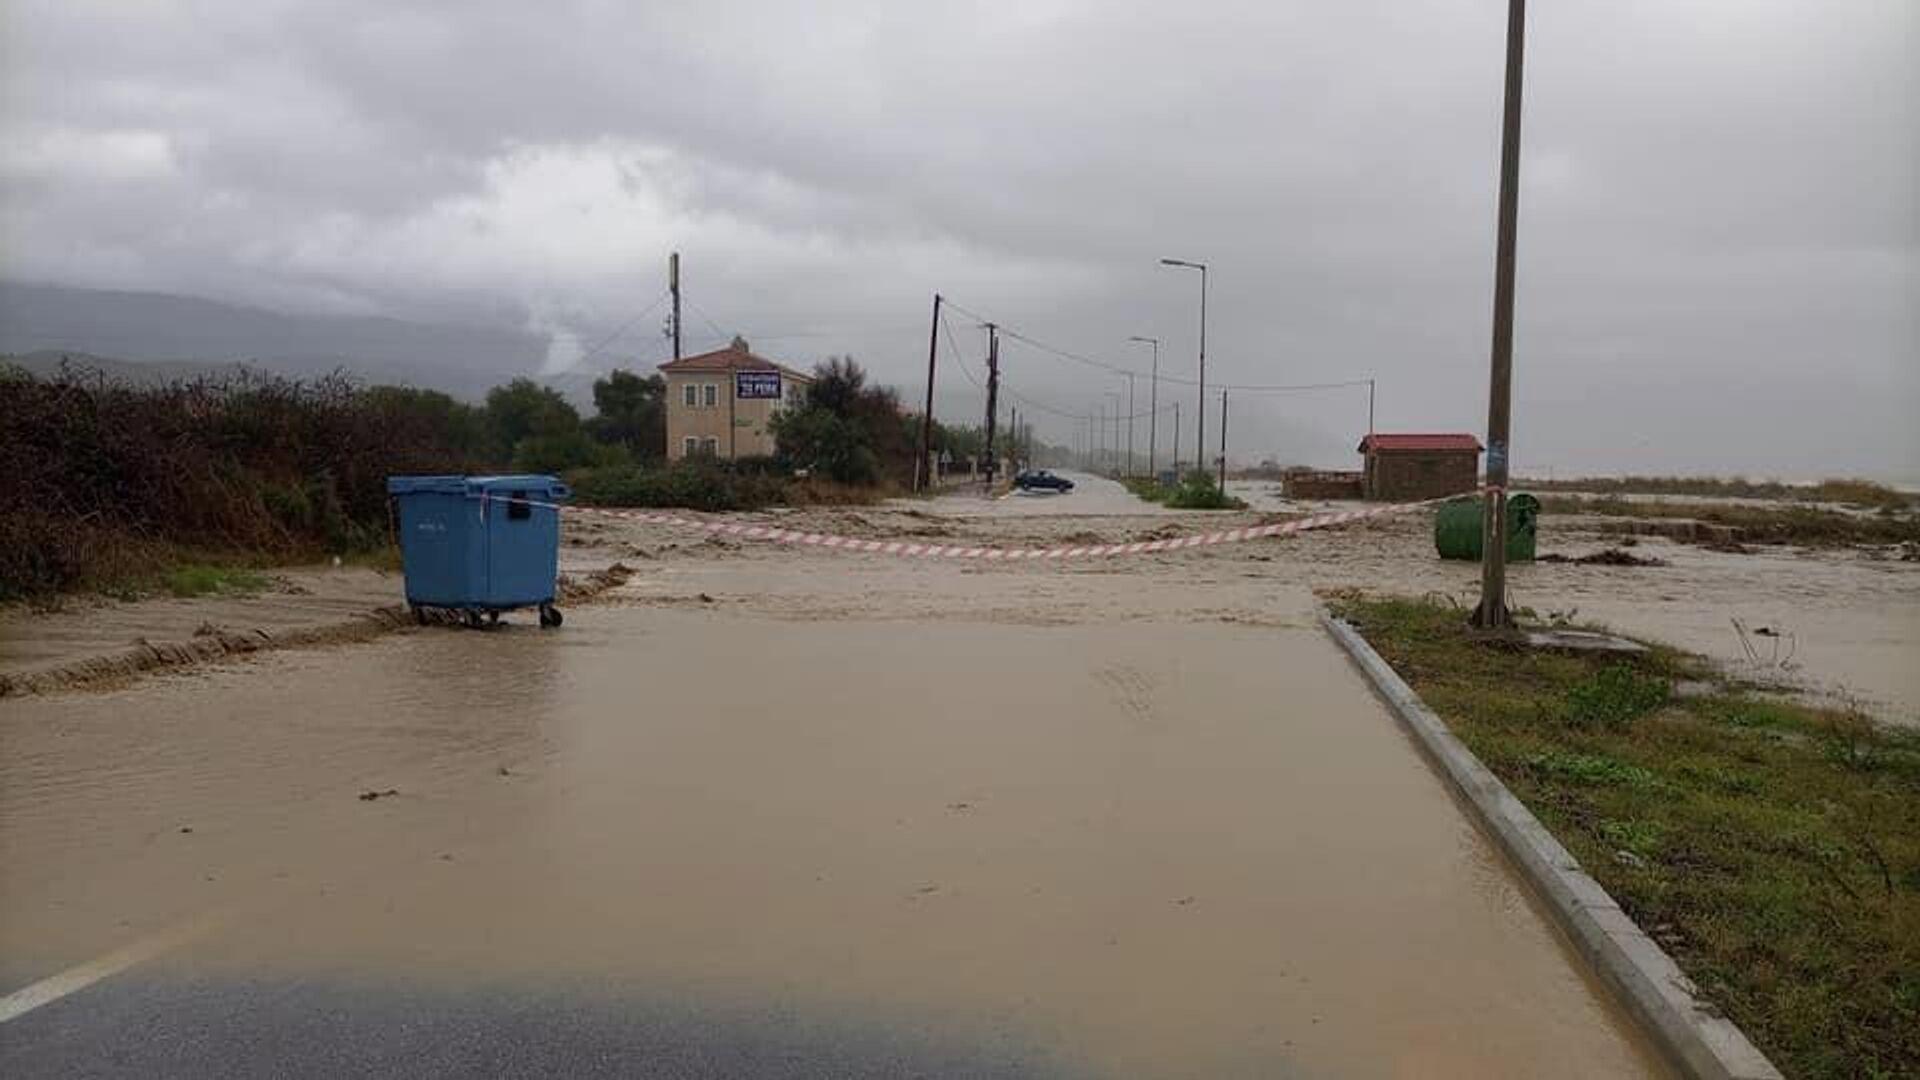 Κακοκαιρία Αθηνά: Πλημμύρες σε Εύβοια, Λάρισα, Πήλιο - Sputnik Ελλάδα, 1920, 10.10.2021